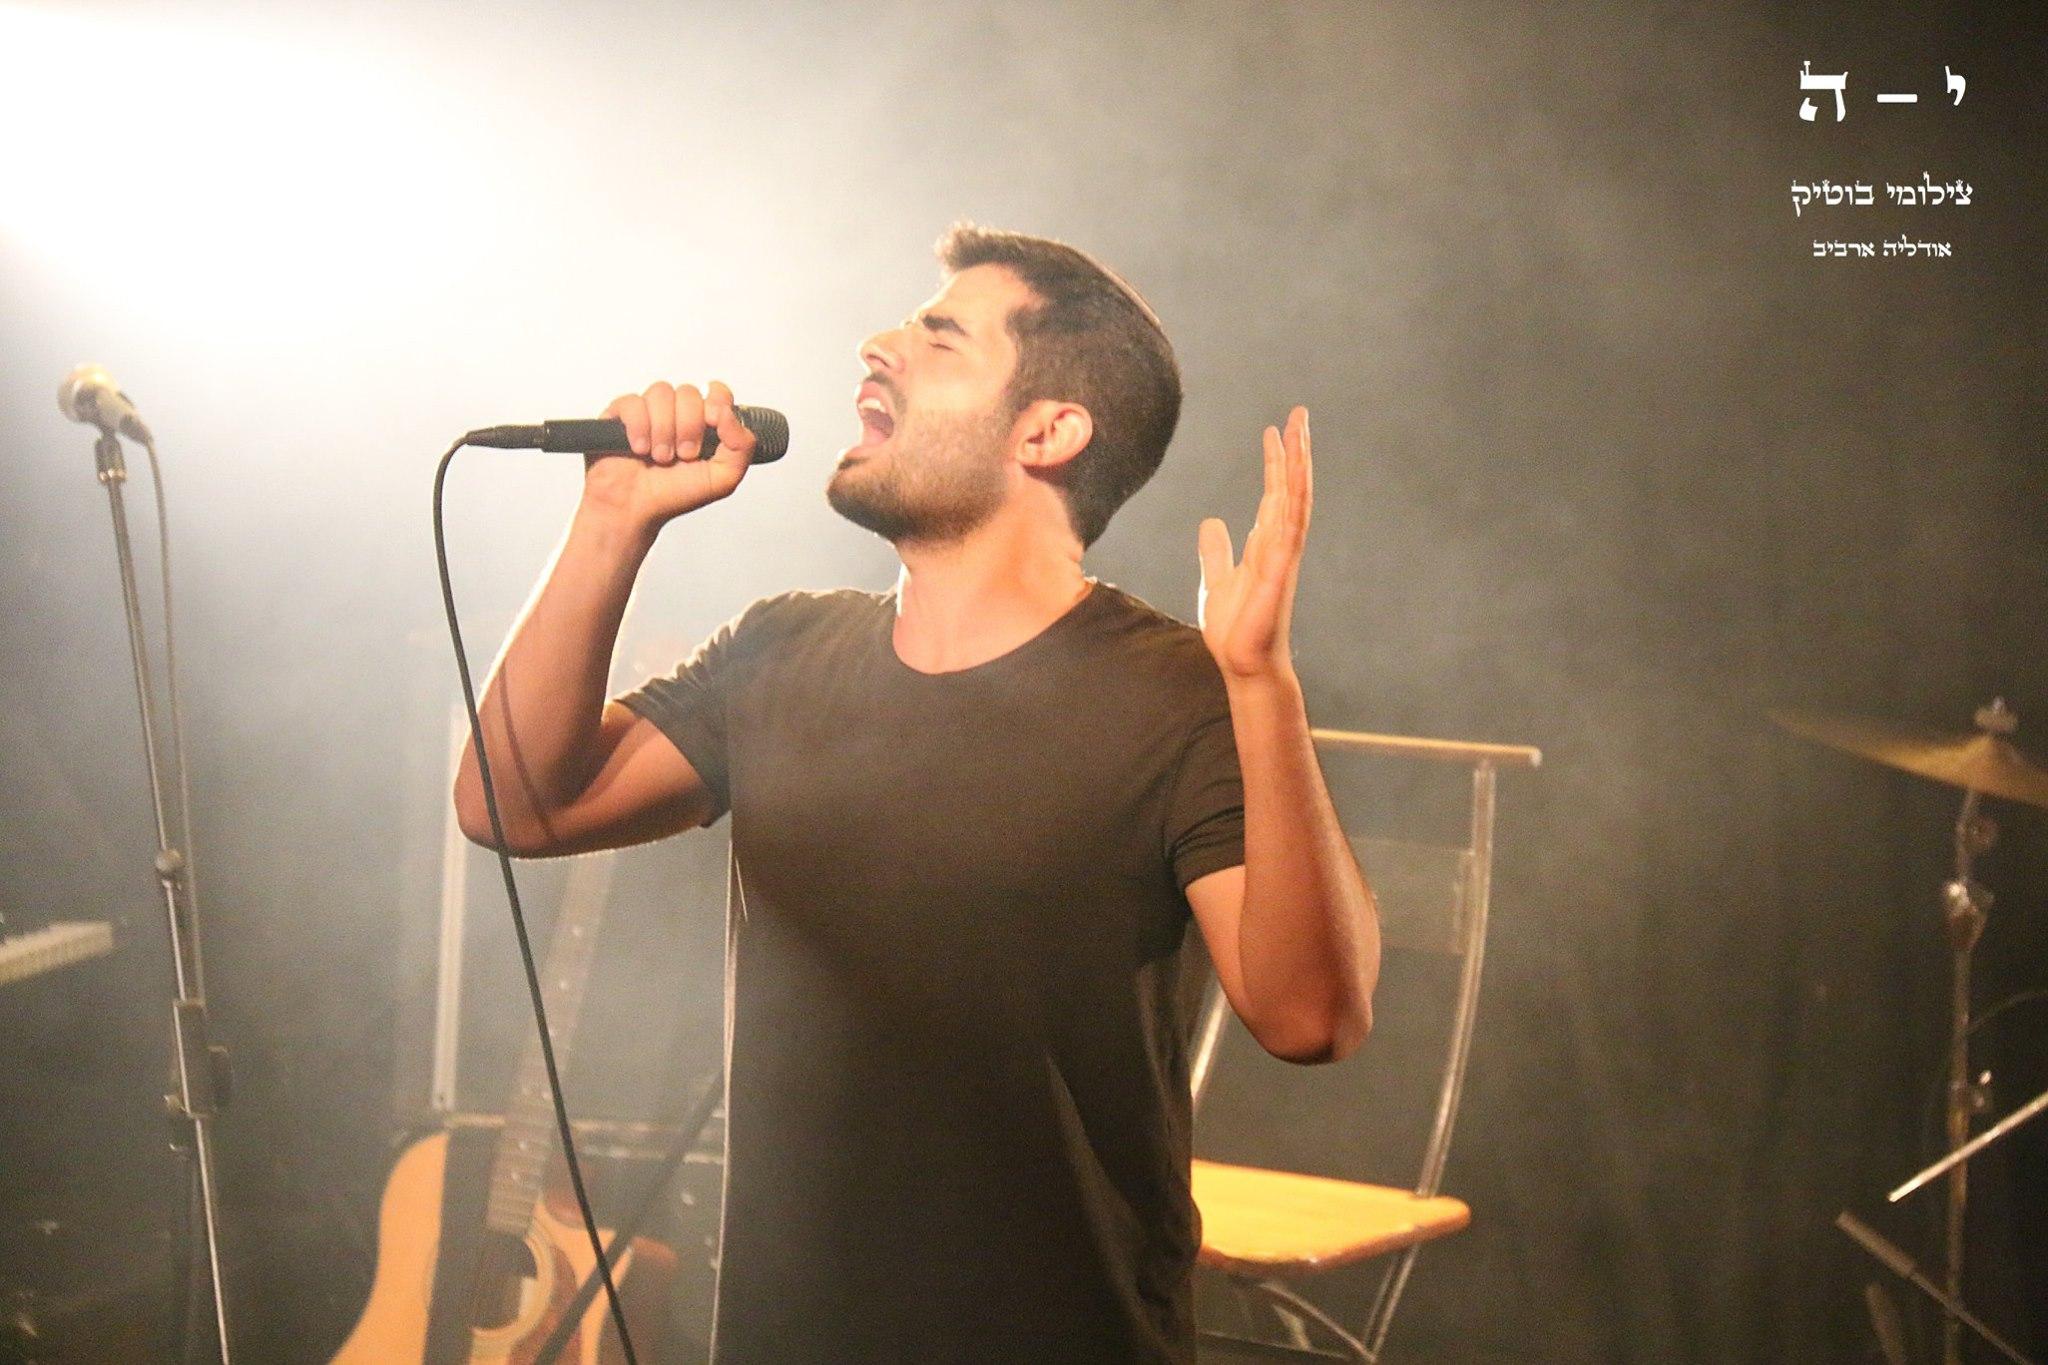 מצטער – סינגל חדש לזמר משה נריה כורסיה